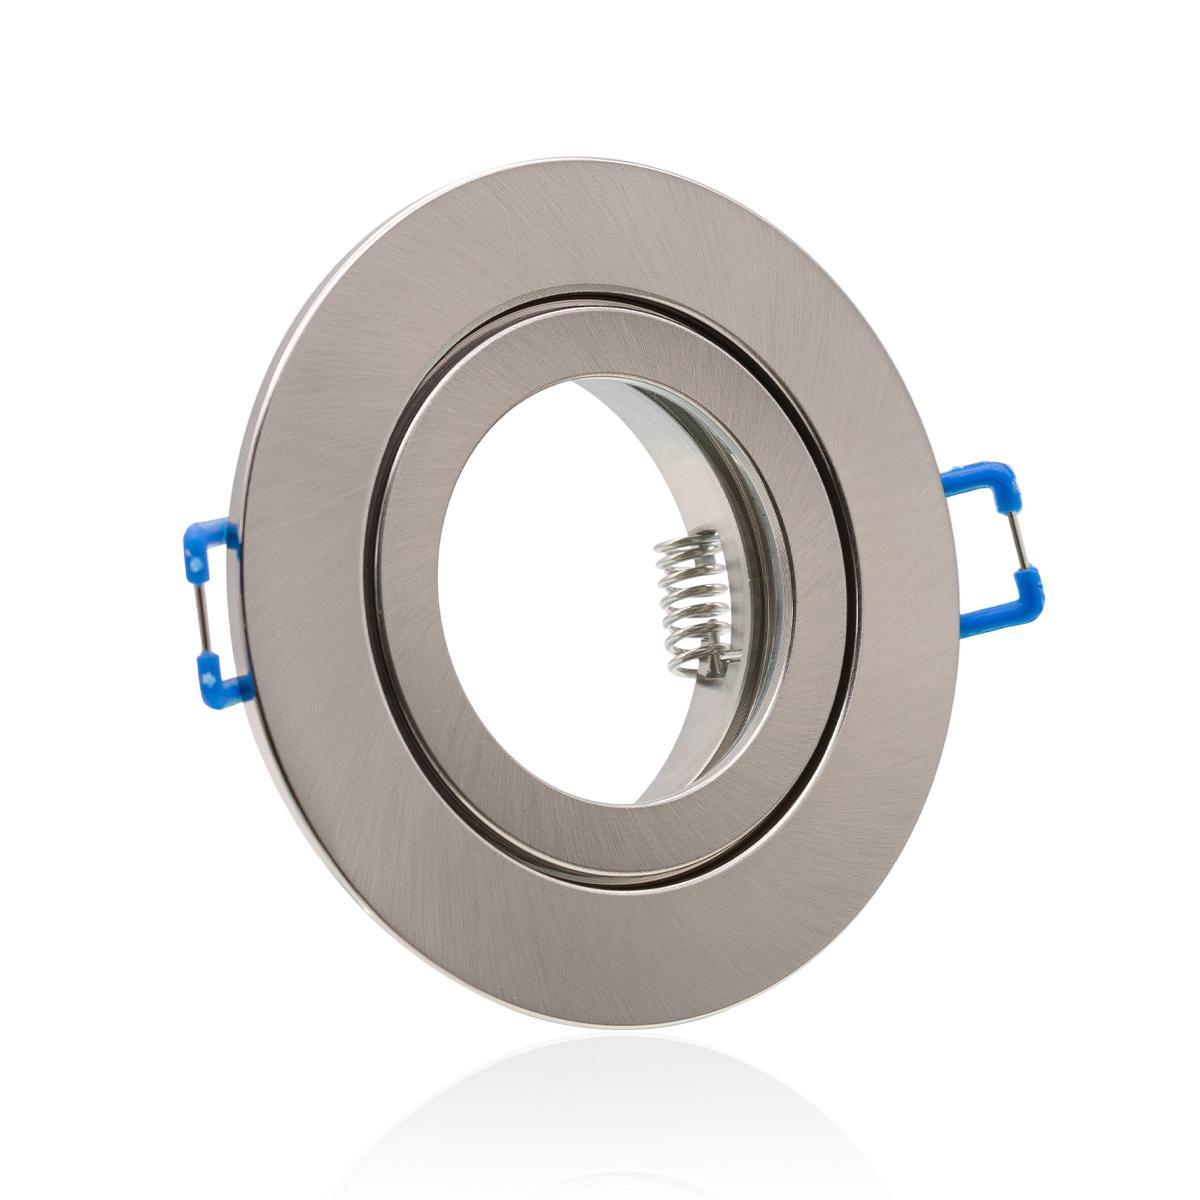 Einbaustrahler Rahmen rund Edelstahl gebürstet Optik starr IP44 Feuchtraum Klickverschluss